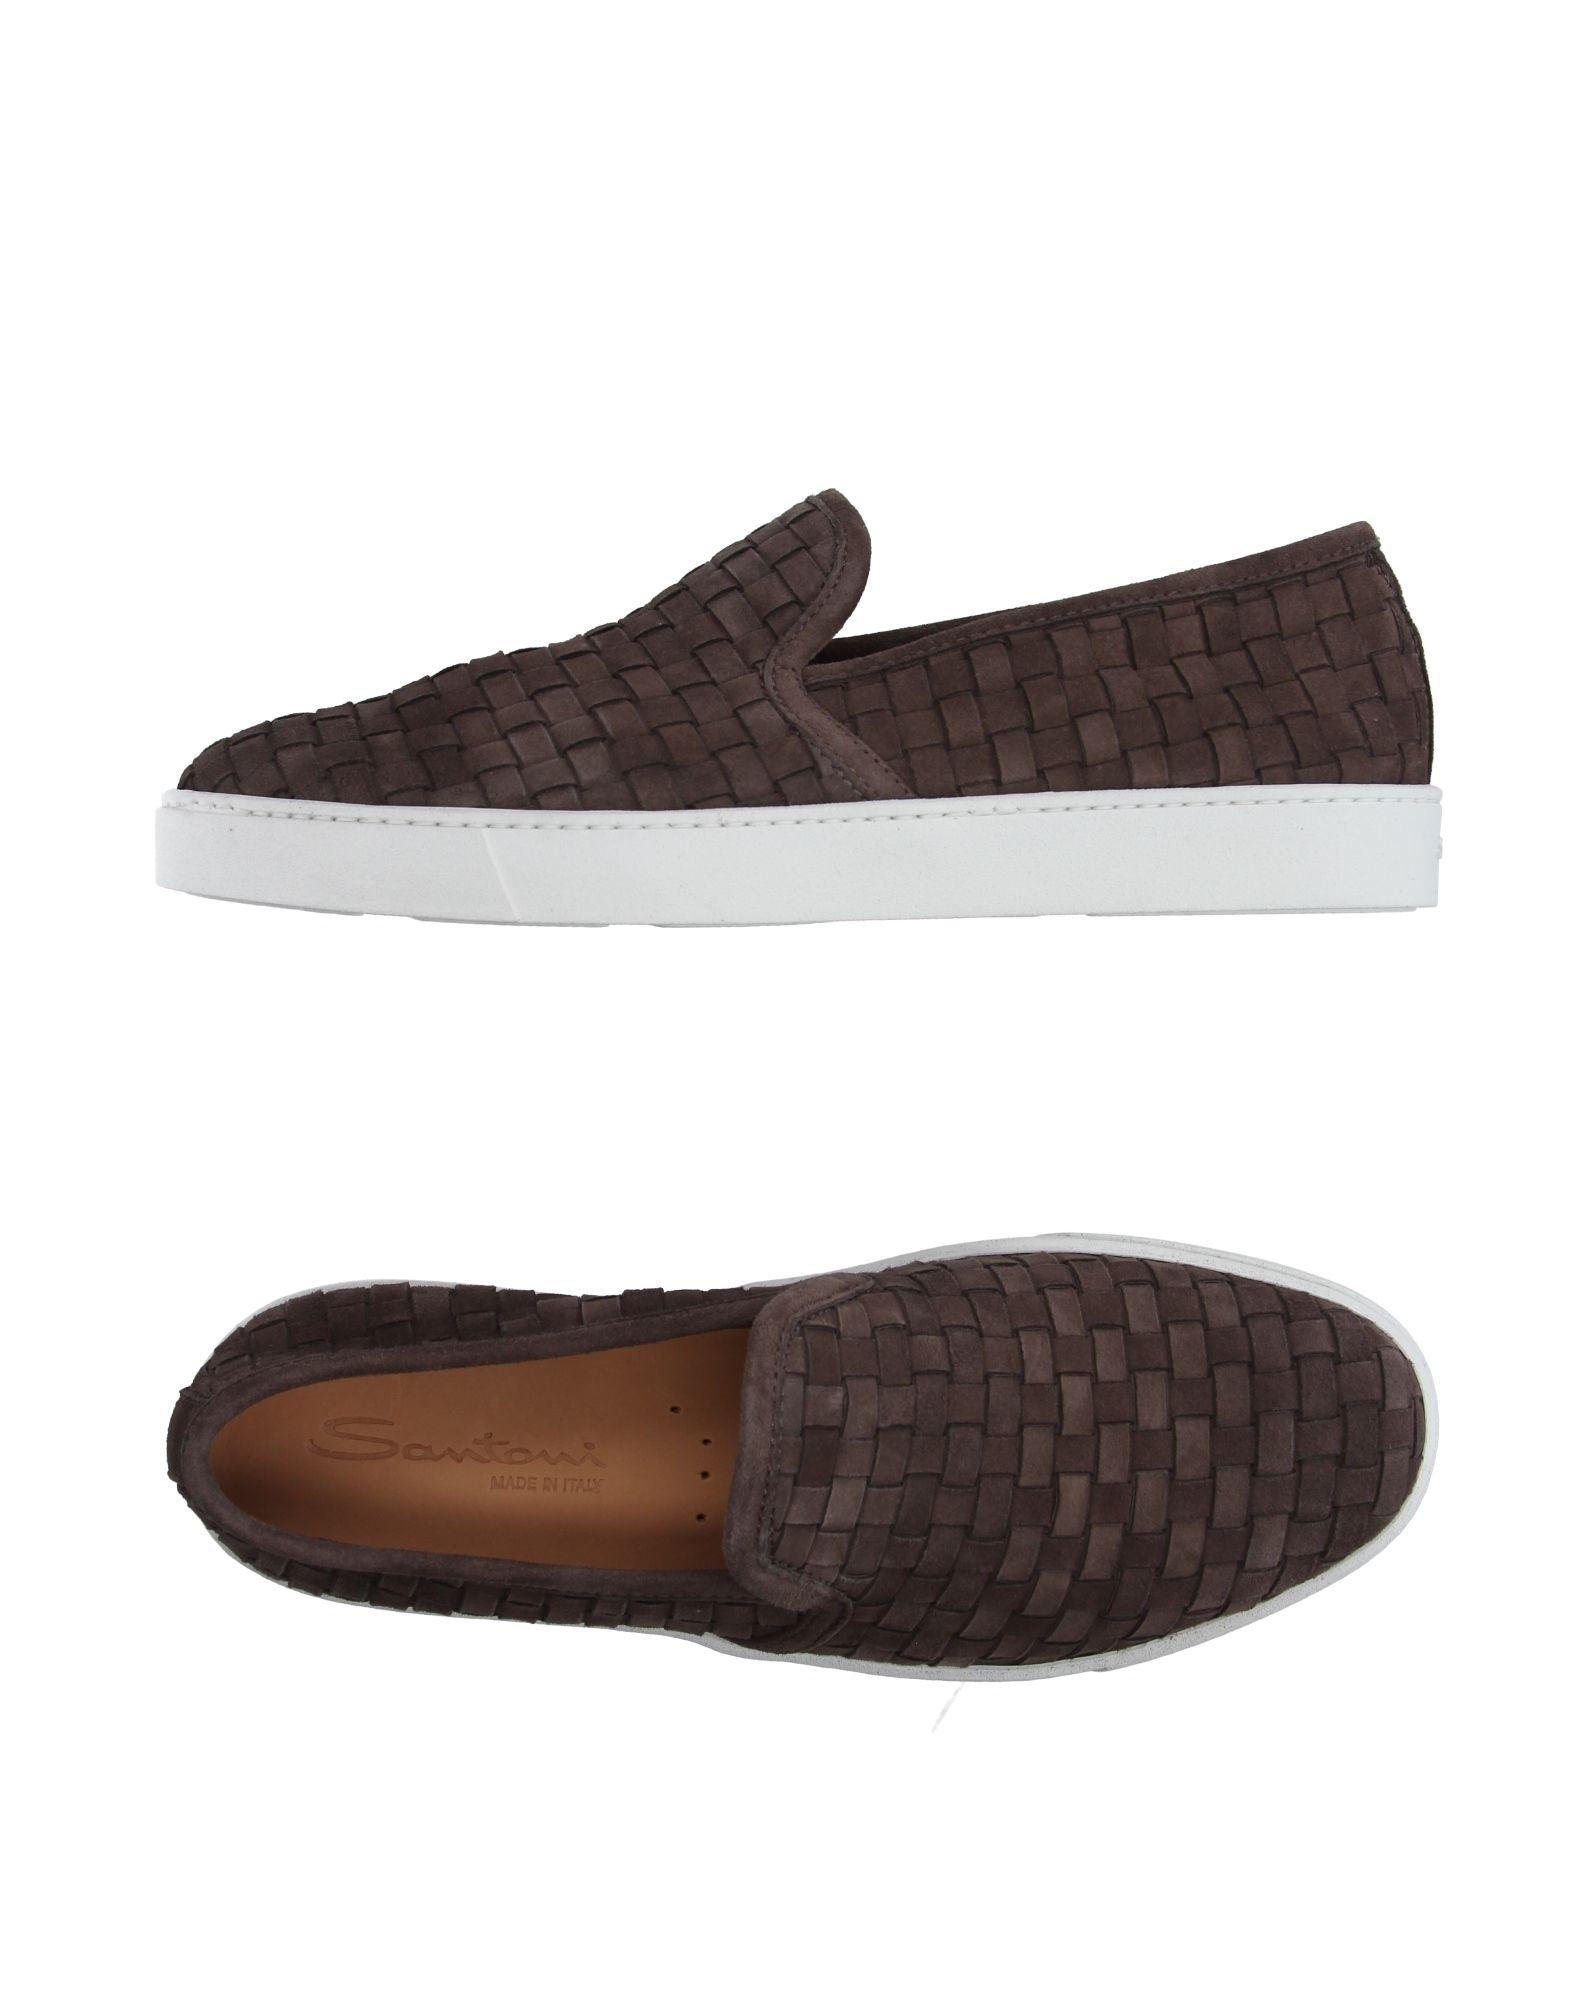 Santoni Sneakers Herren  11182961GW Gute Qualität beliebte Schuhe